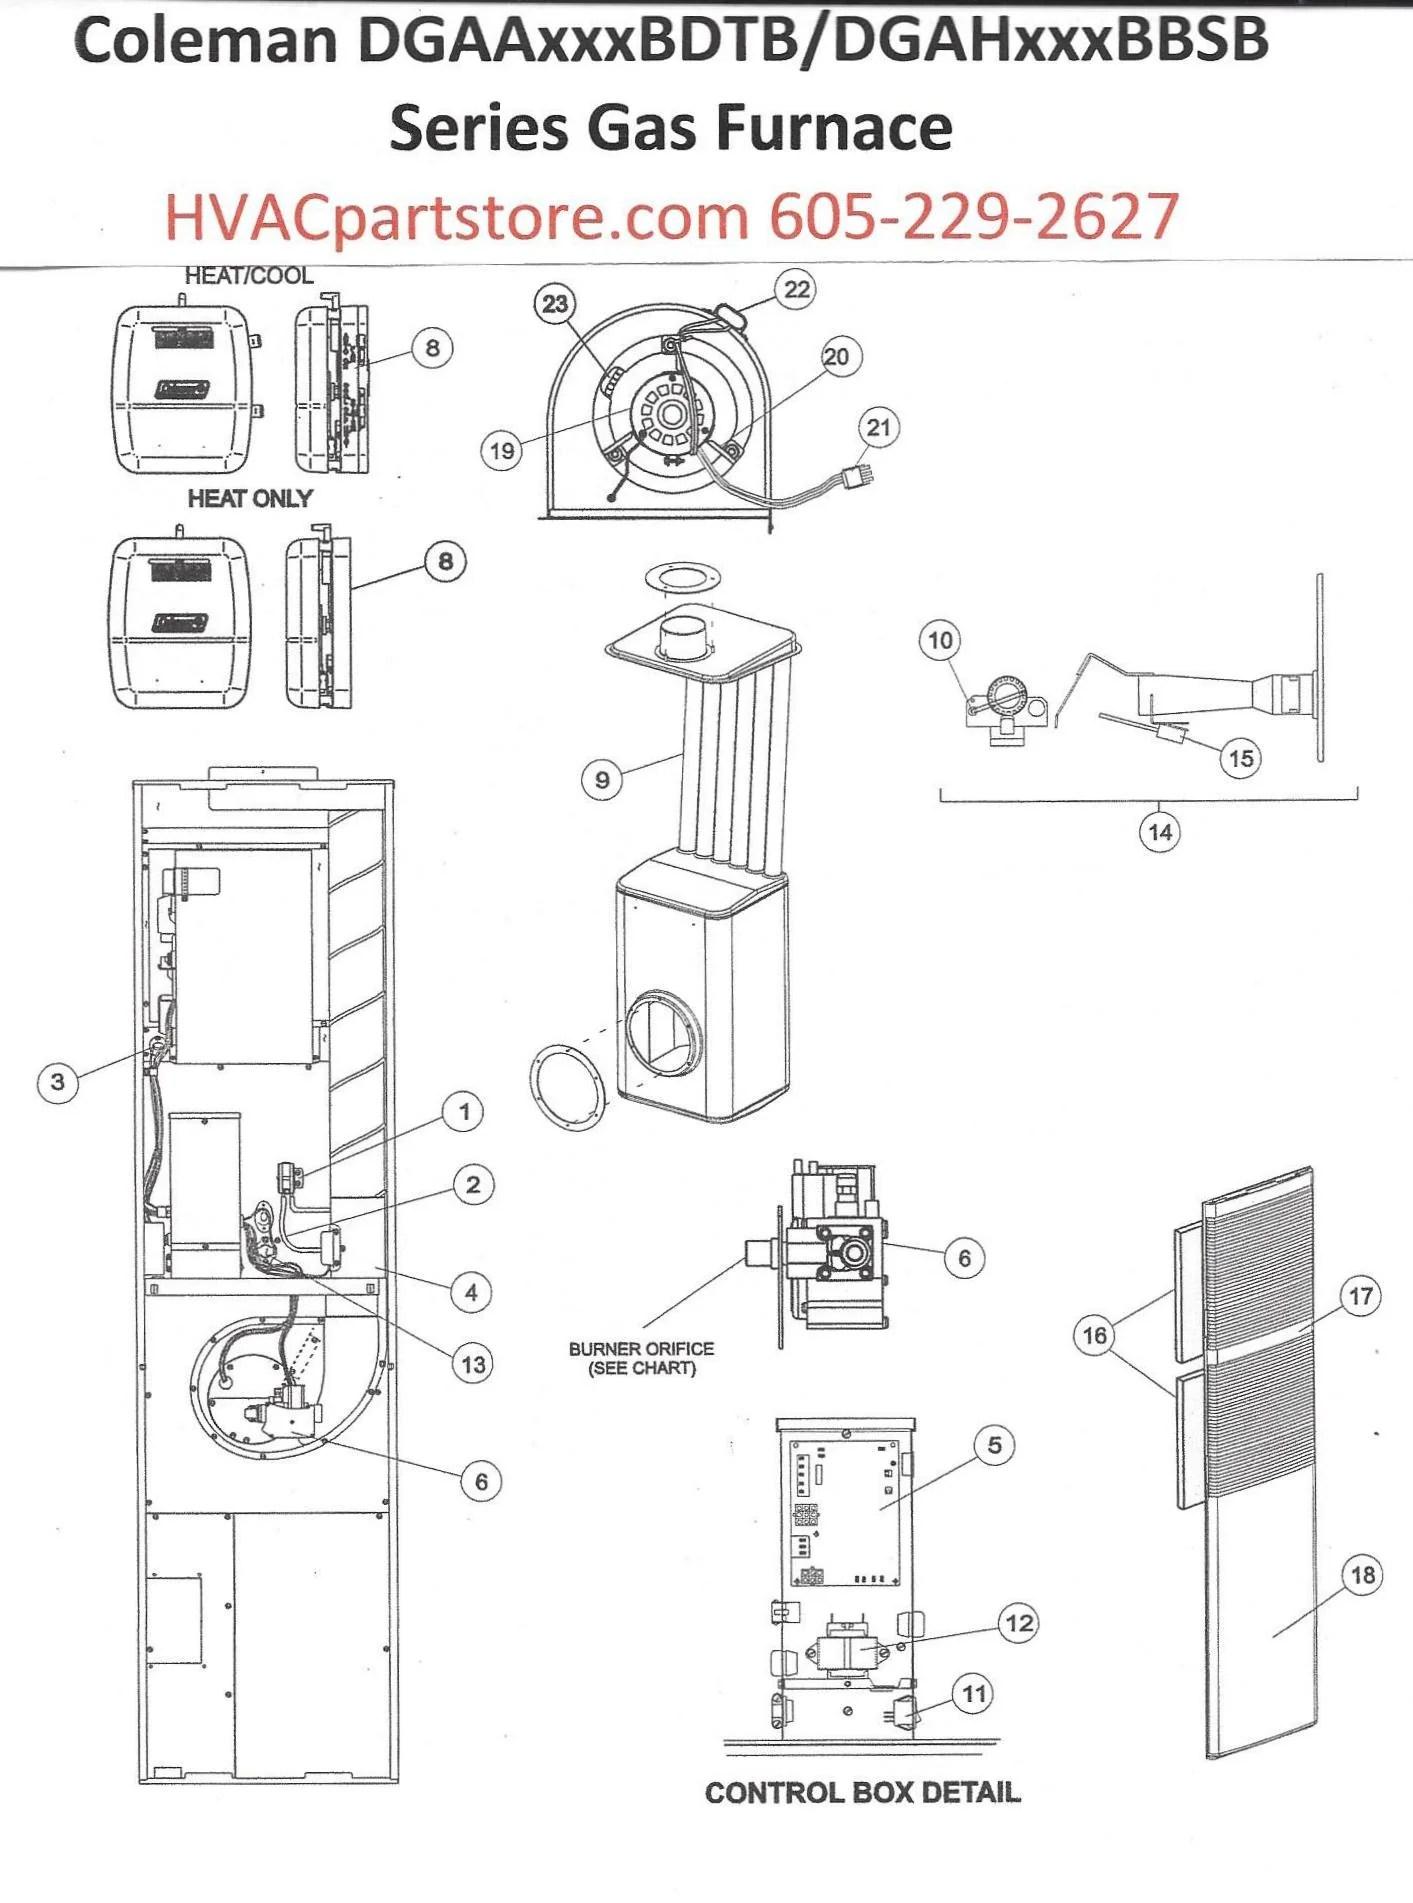 DGAA077BDTB Coleman Gas Furnace Parts – HVACpartstore